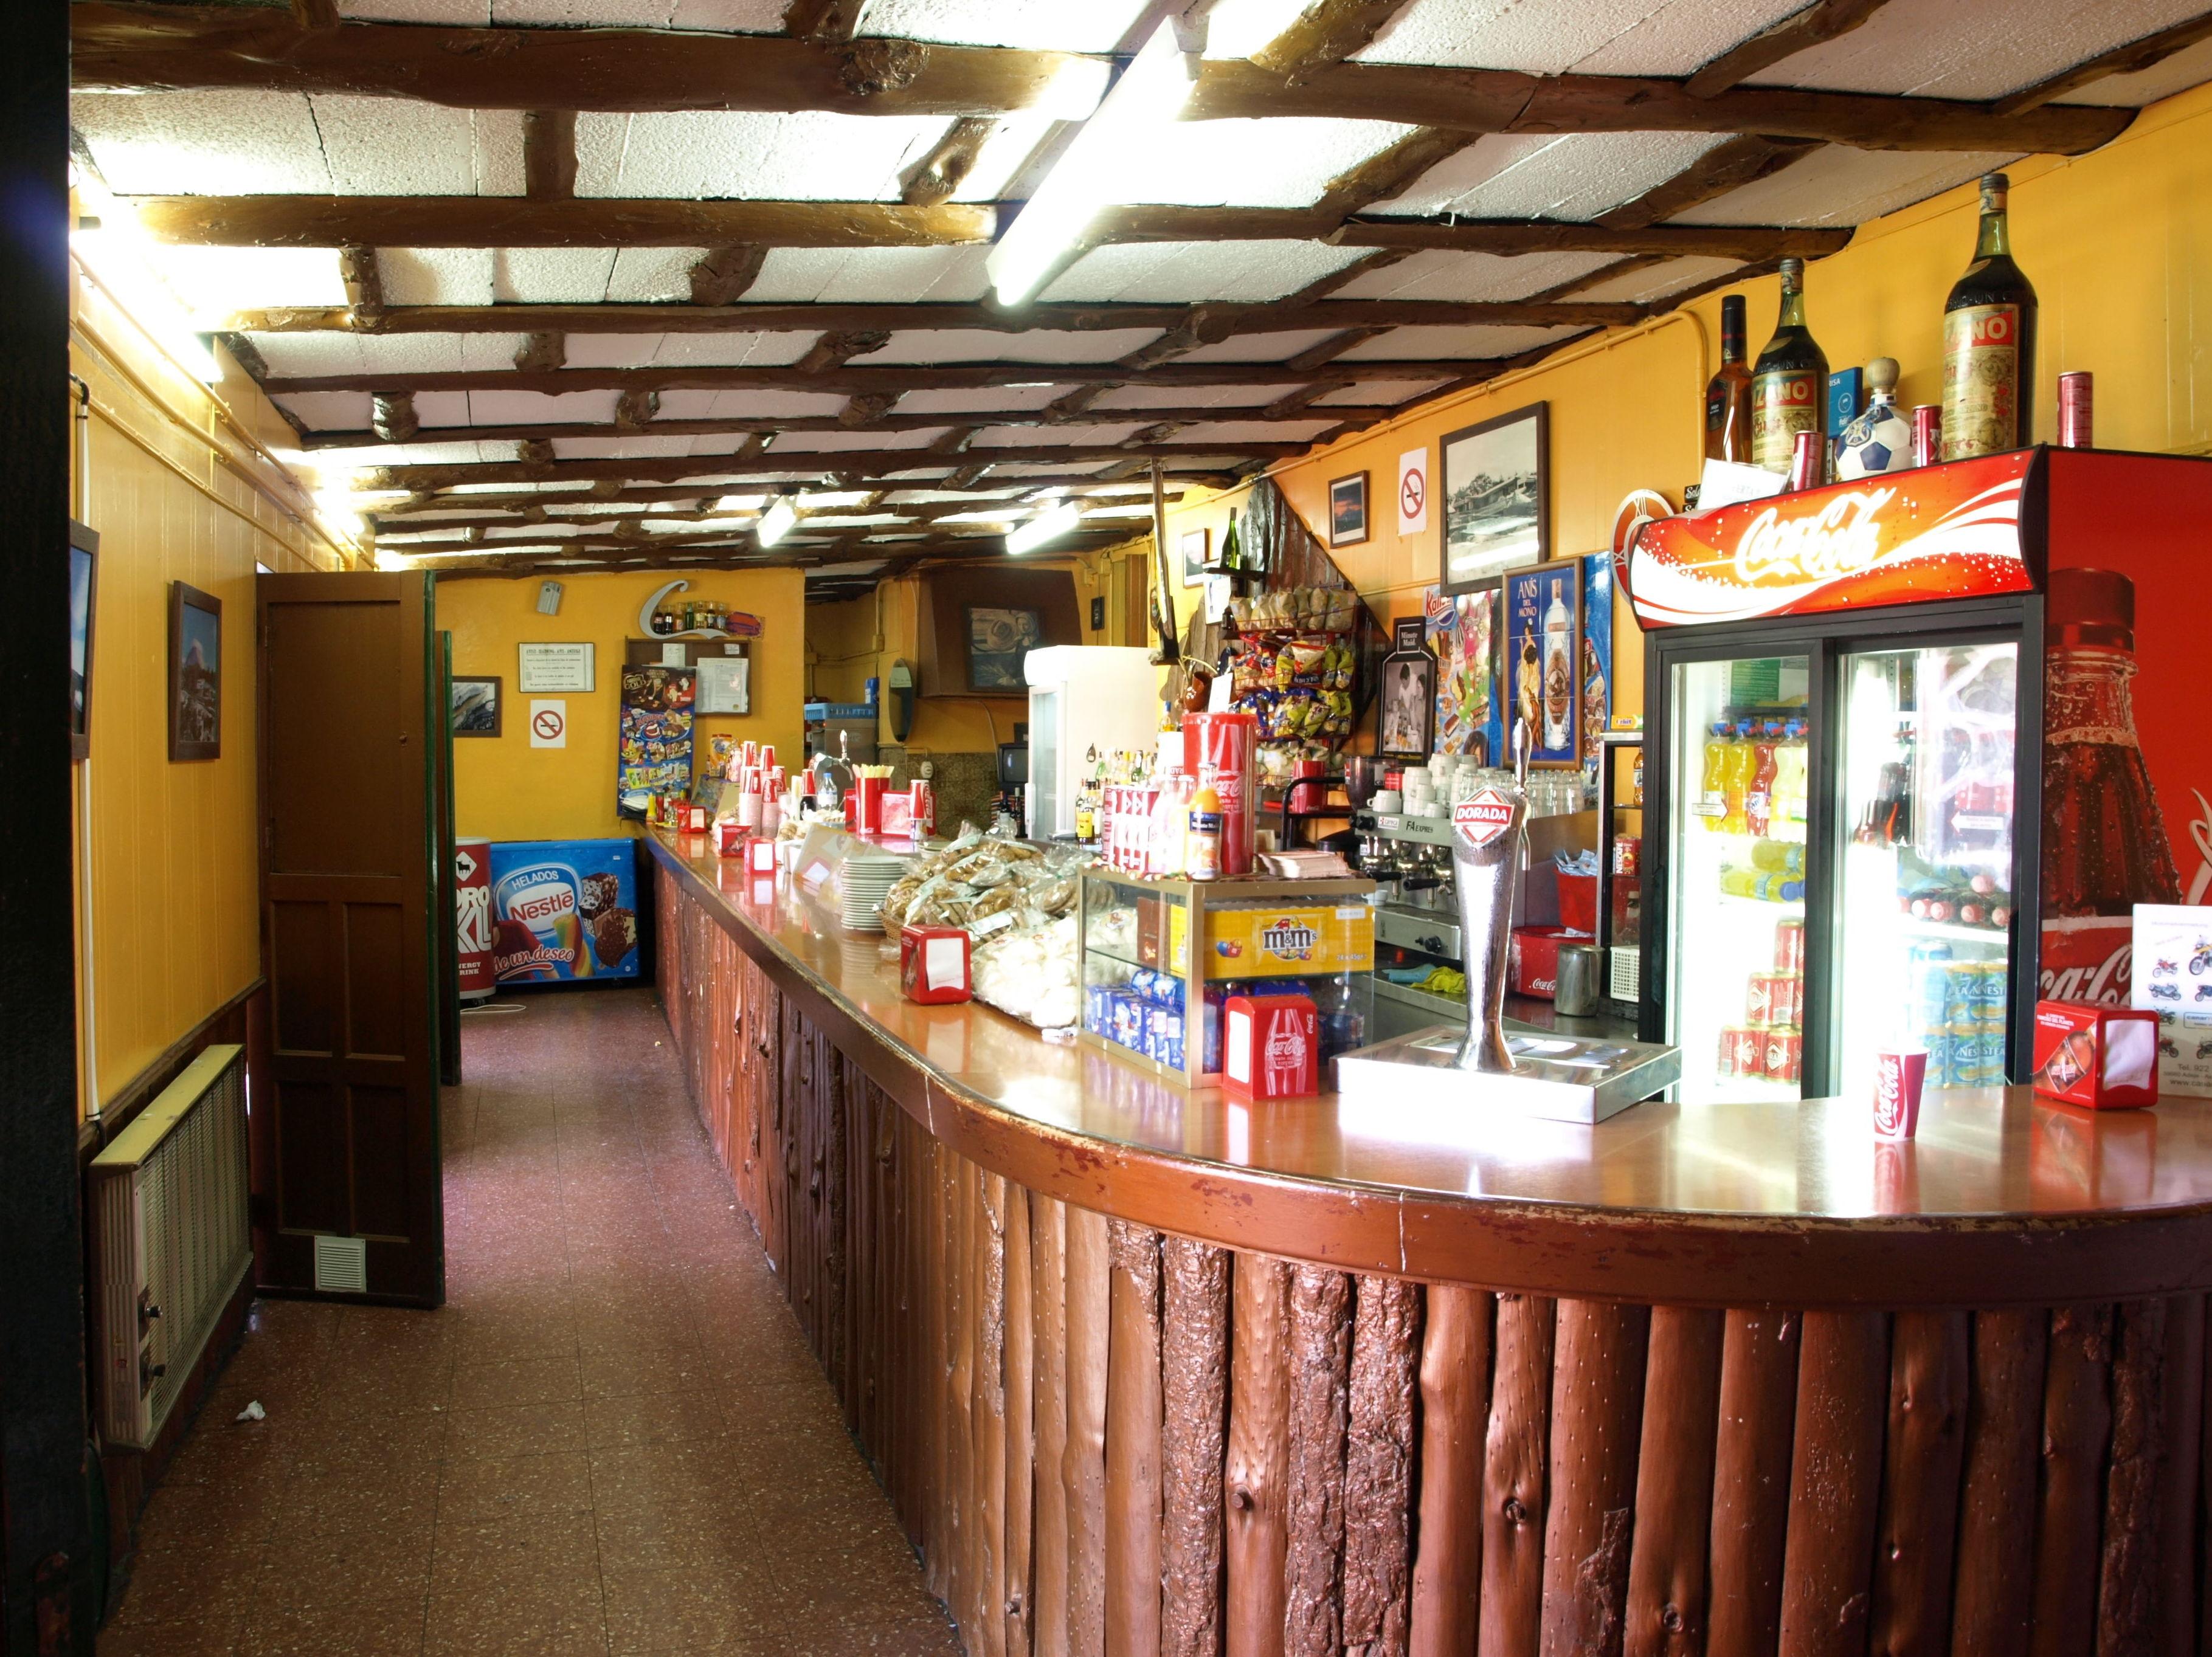 Barra del restaurante El Portillo